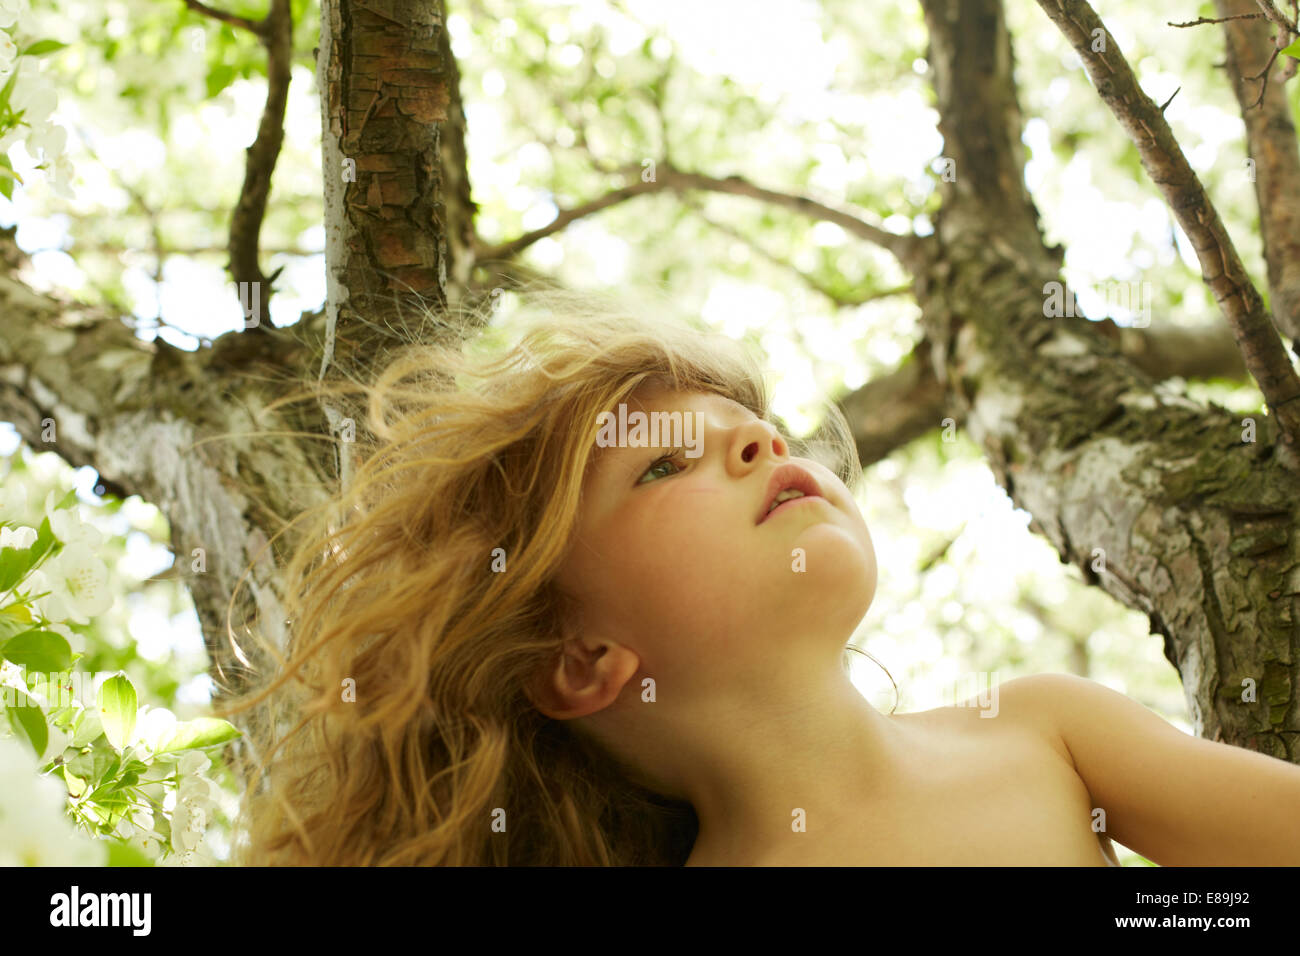 Chica árbol de escalada Imagen De Stock